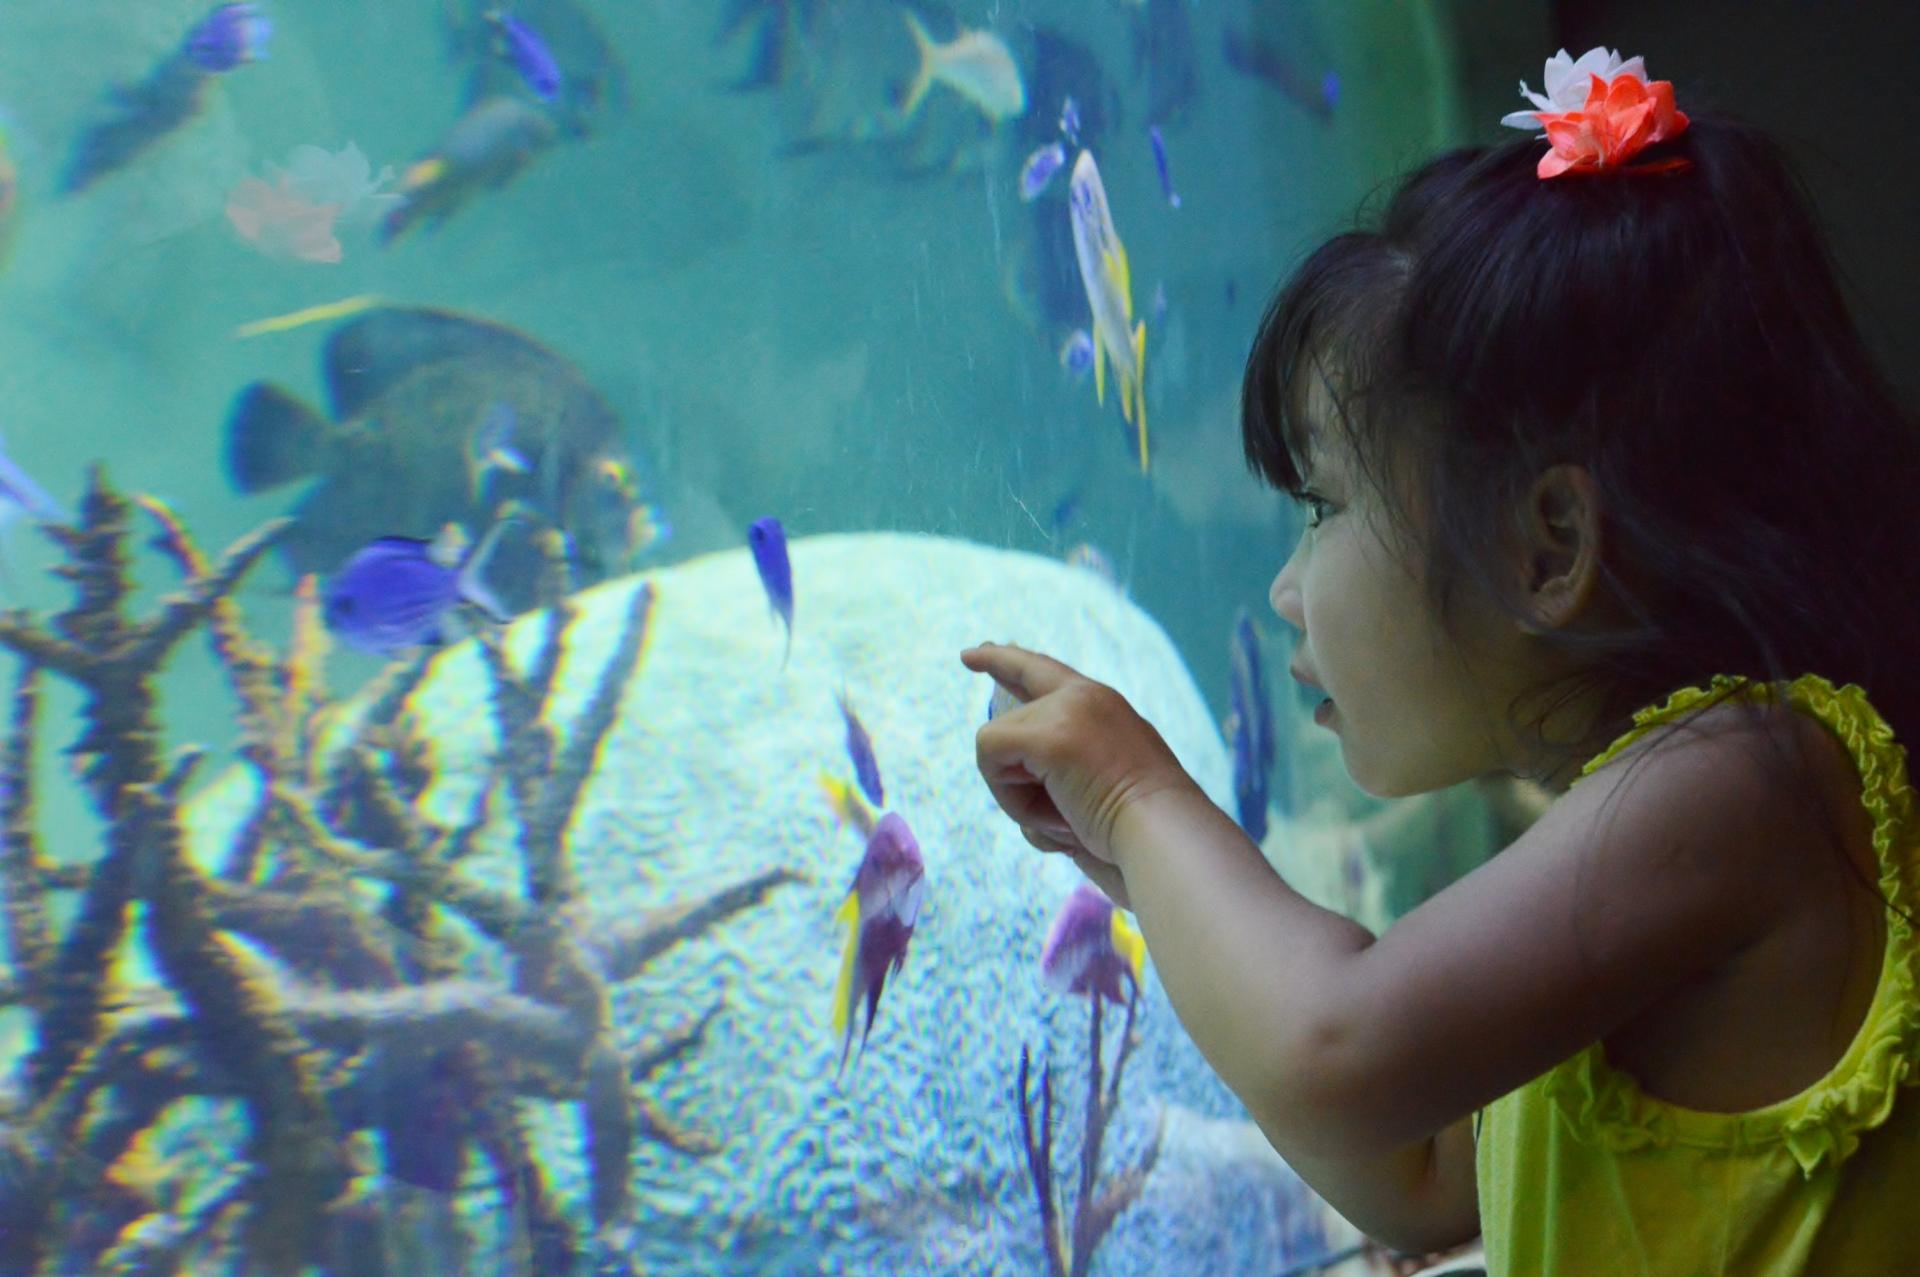 熱帯魚と子ども